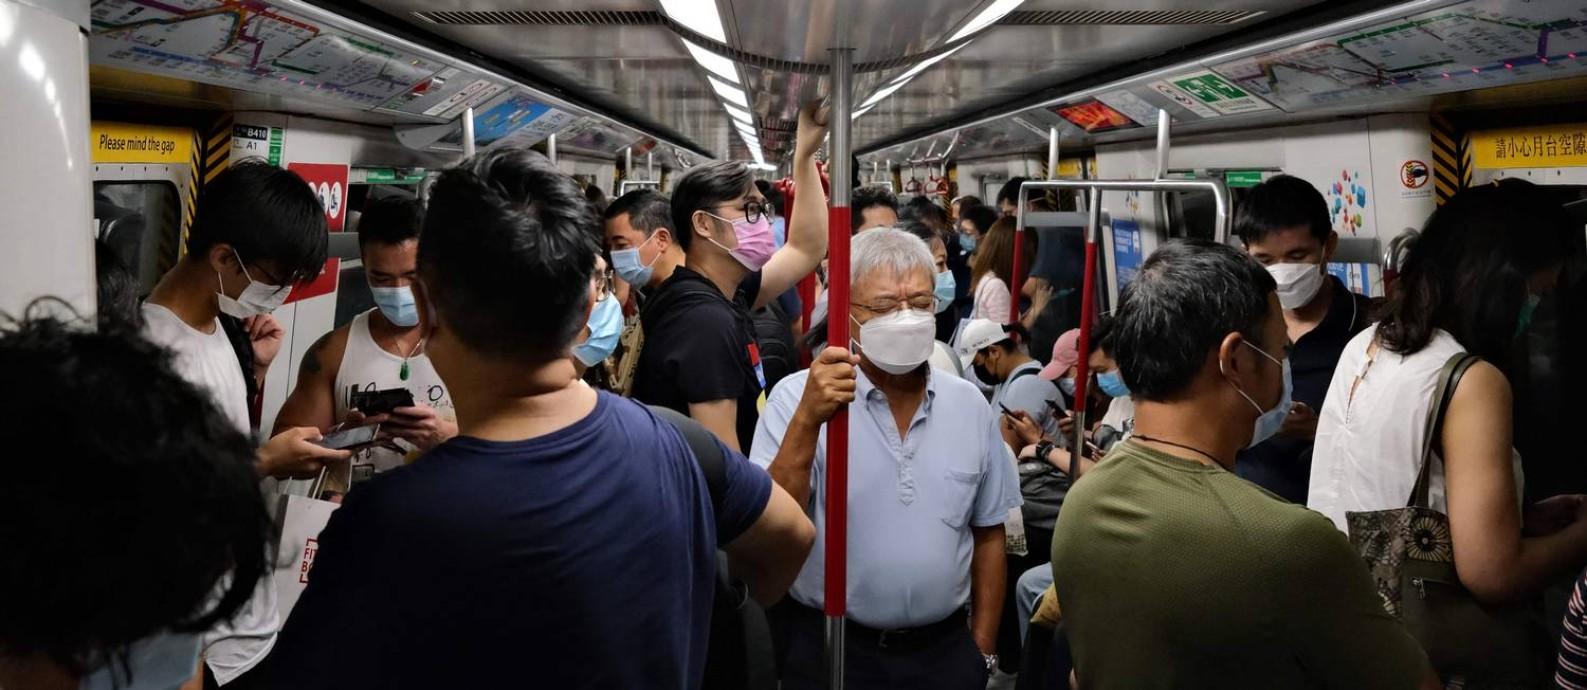 Cidadaos em Hong Kong utilizando máscara no metrô Foto: Anthony Wallace / AFP